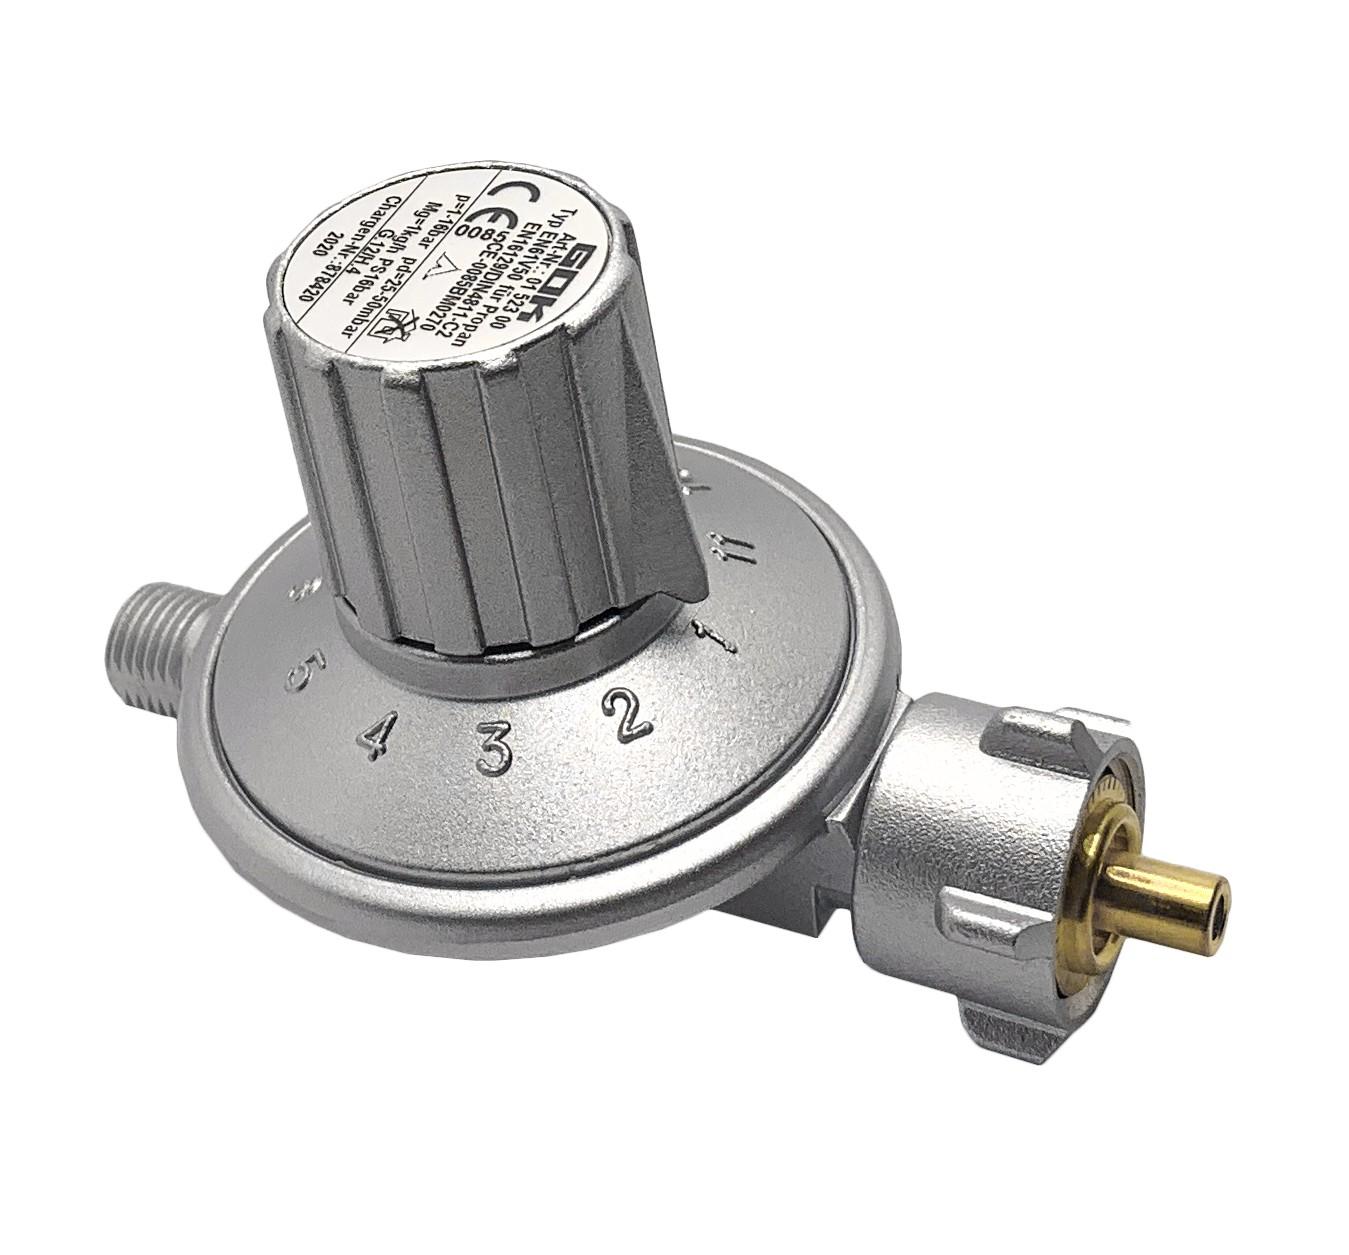 Регулятор давления газа GOK 1кг/час 25-50мбар KLFxG1/4LH-KN 11